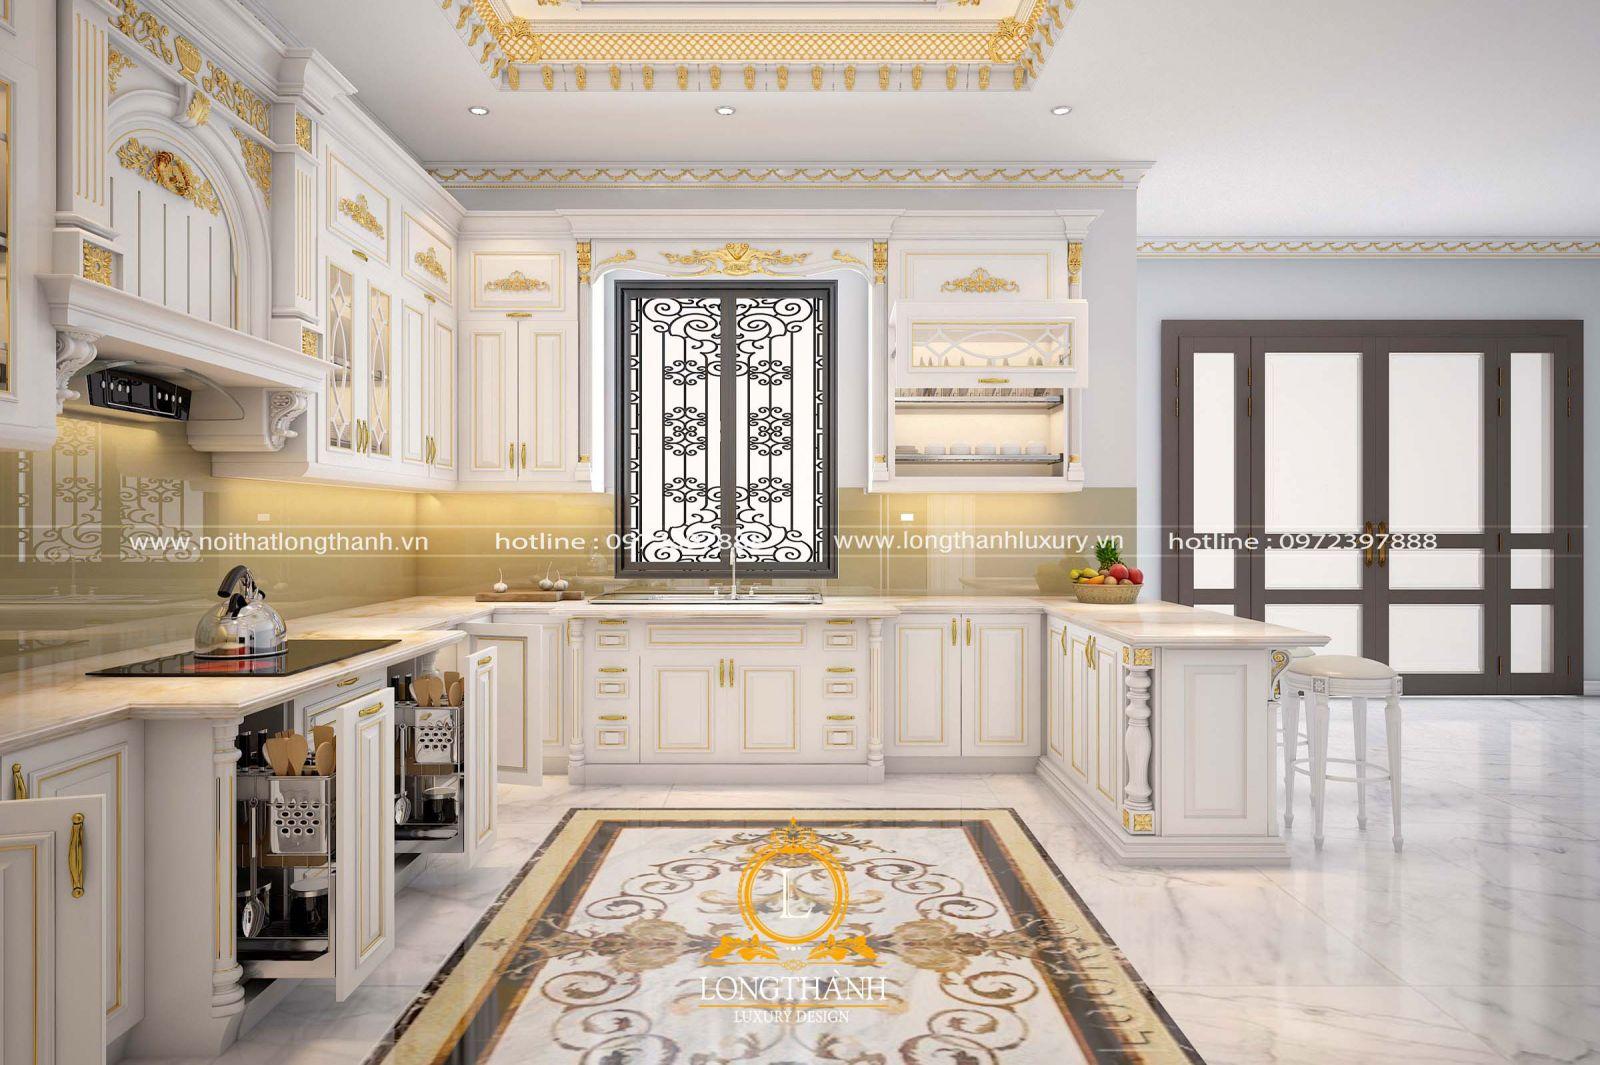 Trang trí bếp bằng mẫu tủ gỗ tự nhiên sơn trắng làm cho căn bếp càng thêm sang trọng, lôi cuốn